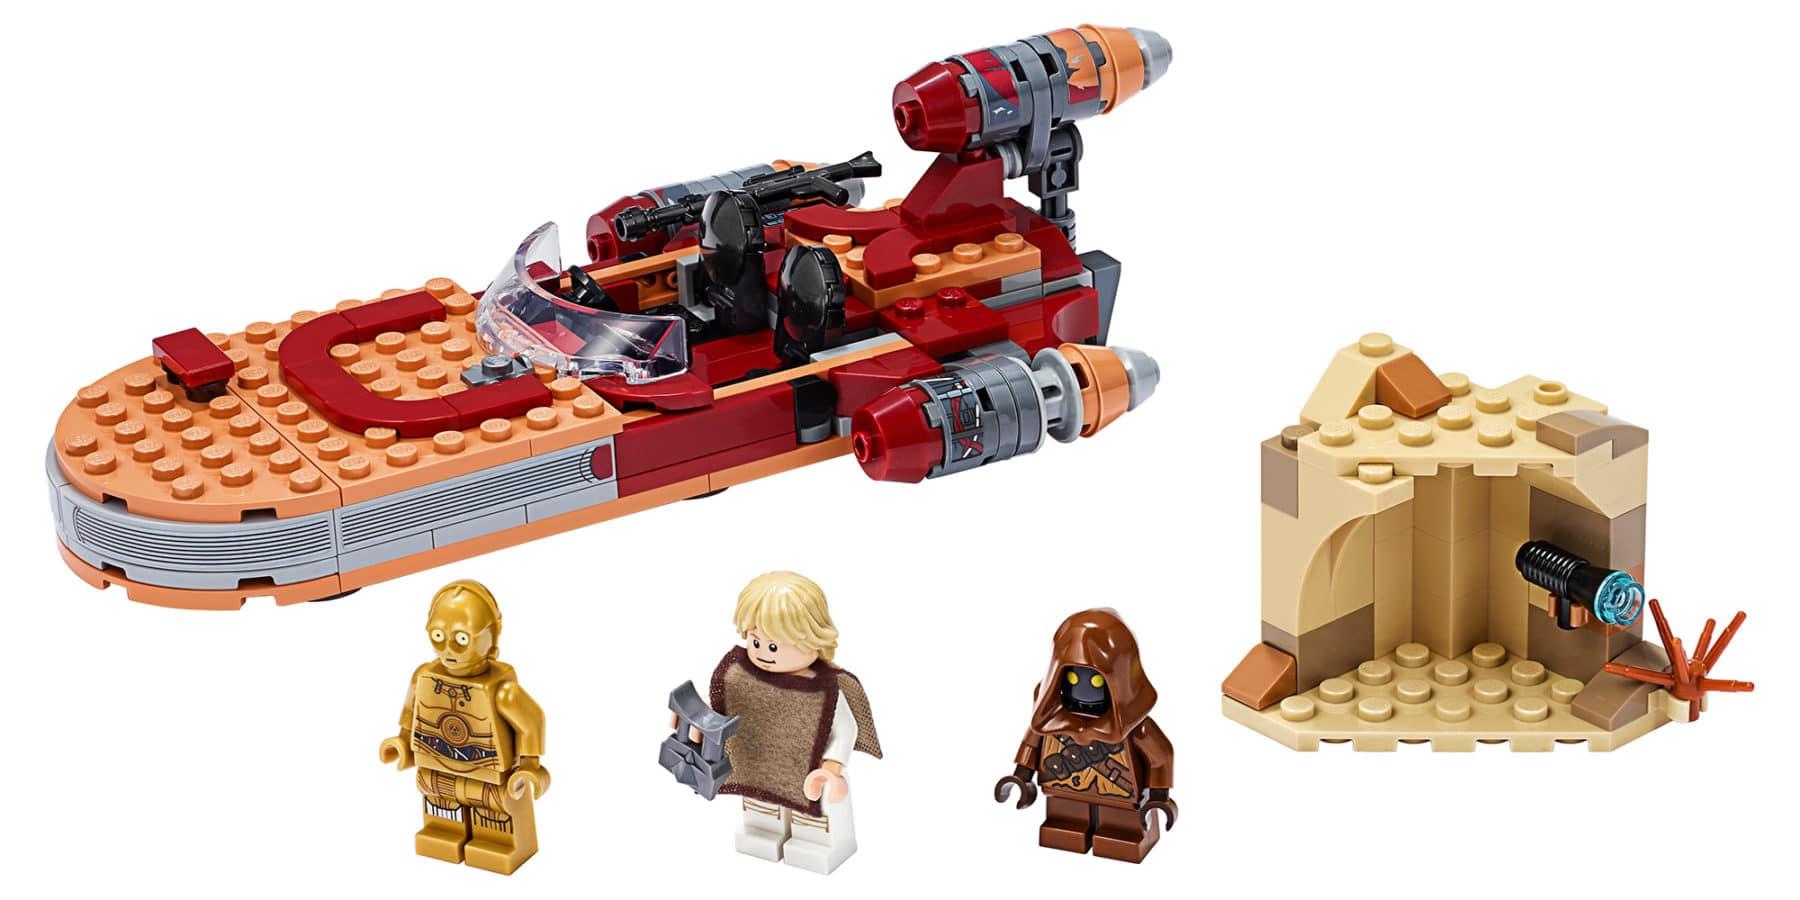 LEGO Star Wars 75271 Lukes Llandspeeder Set